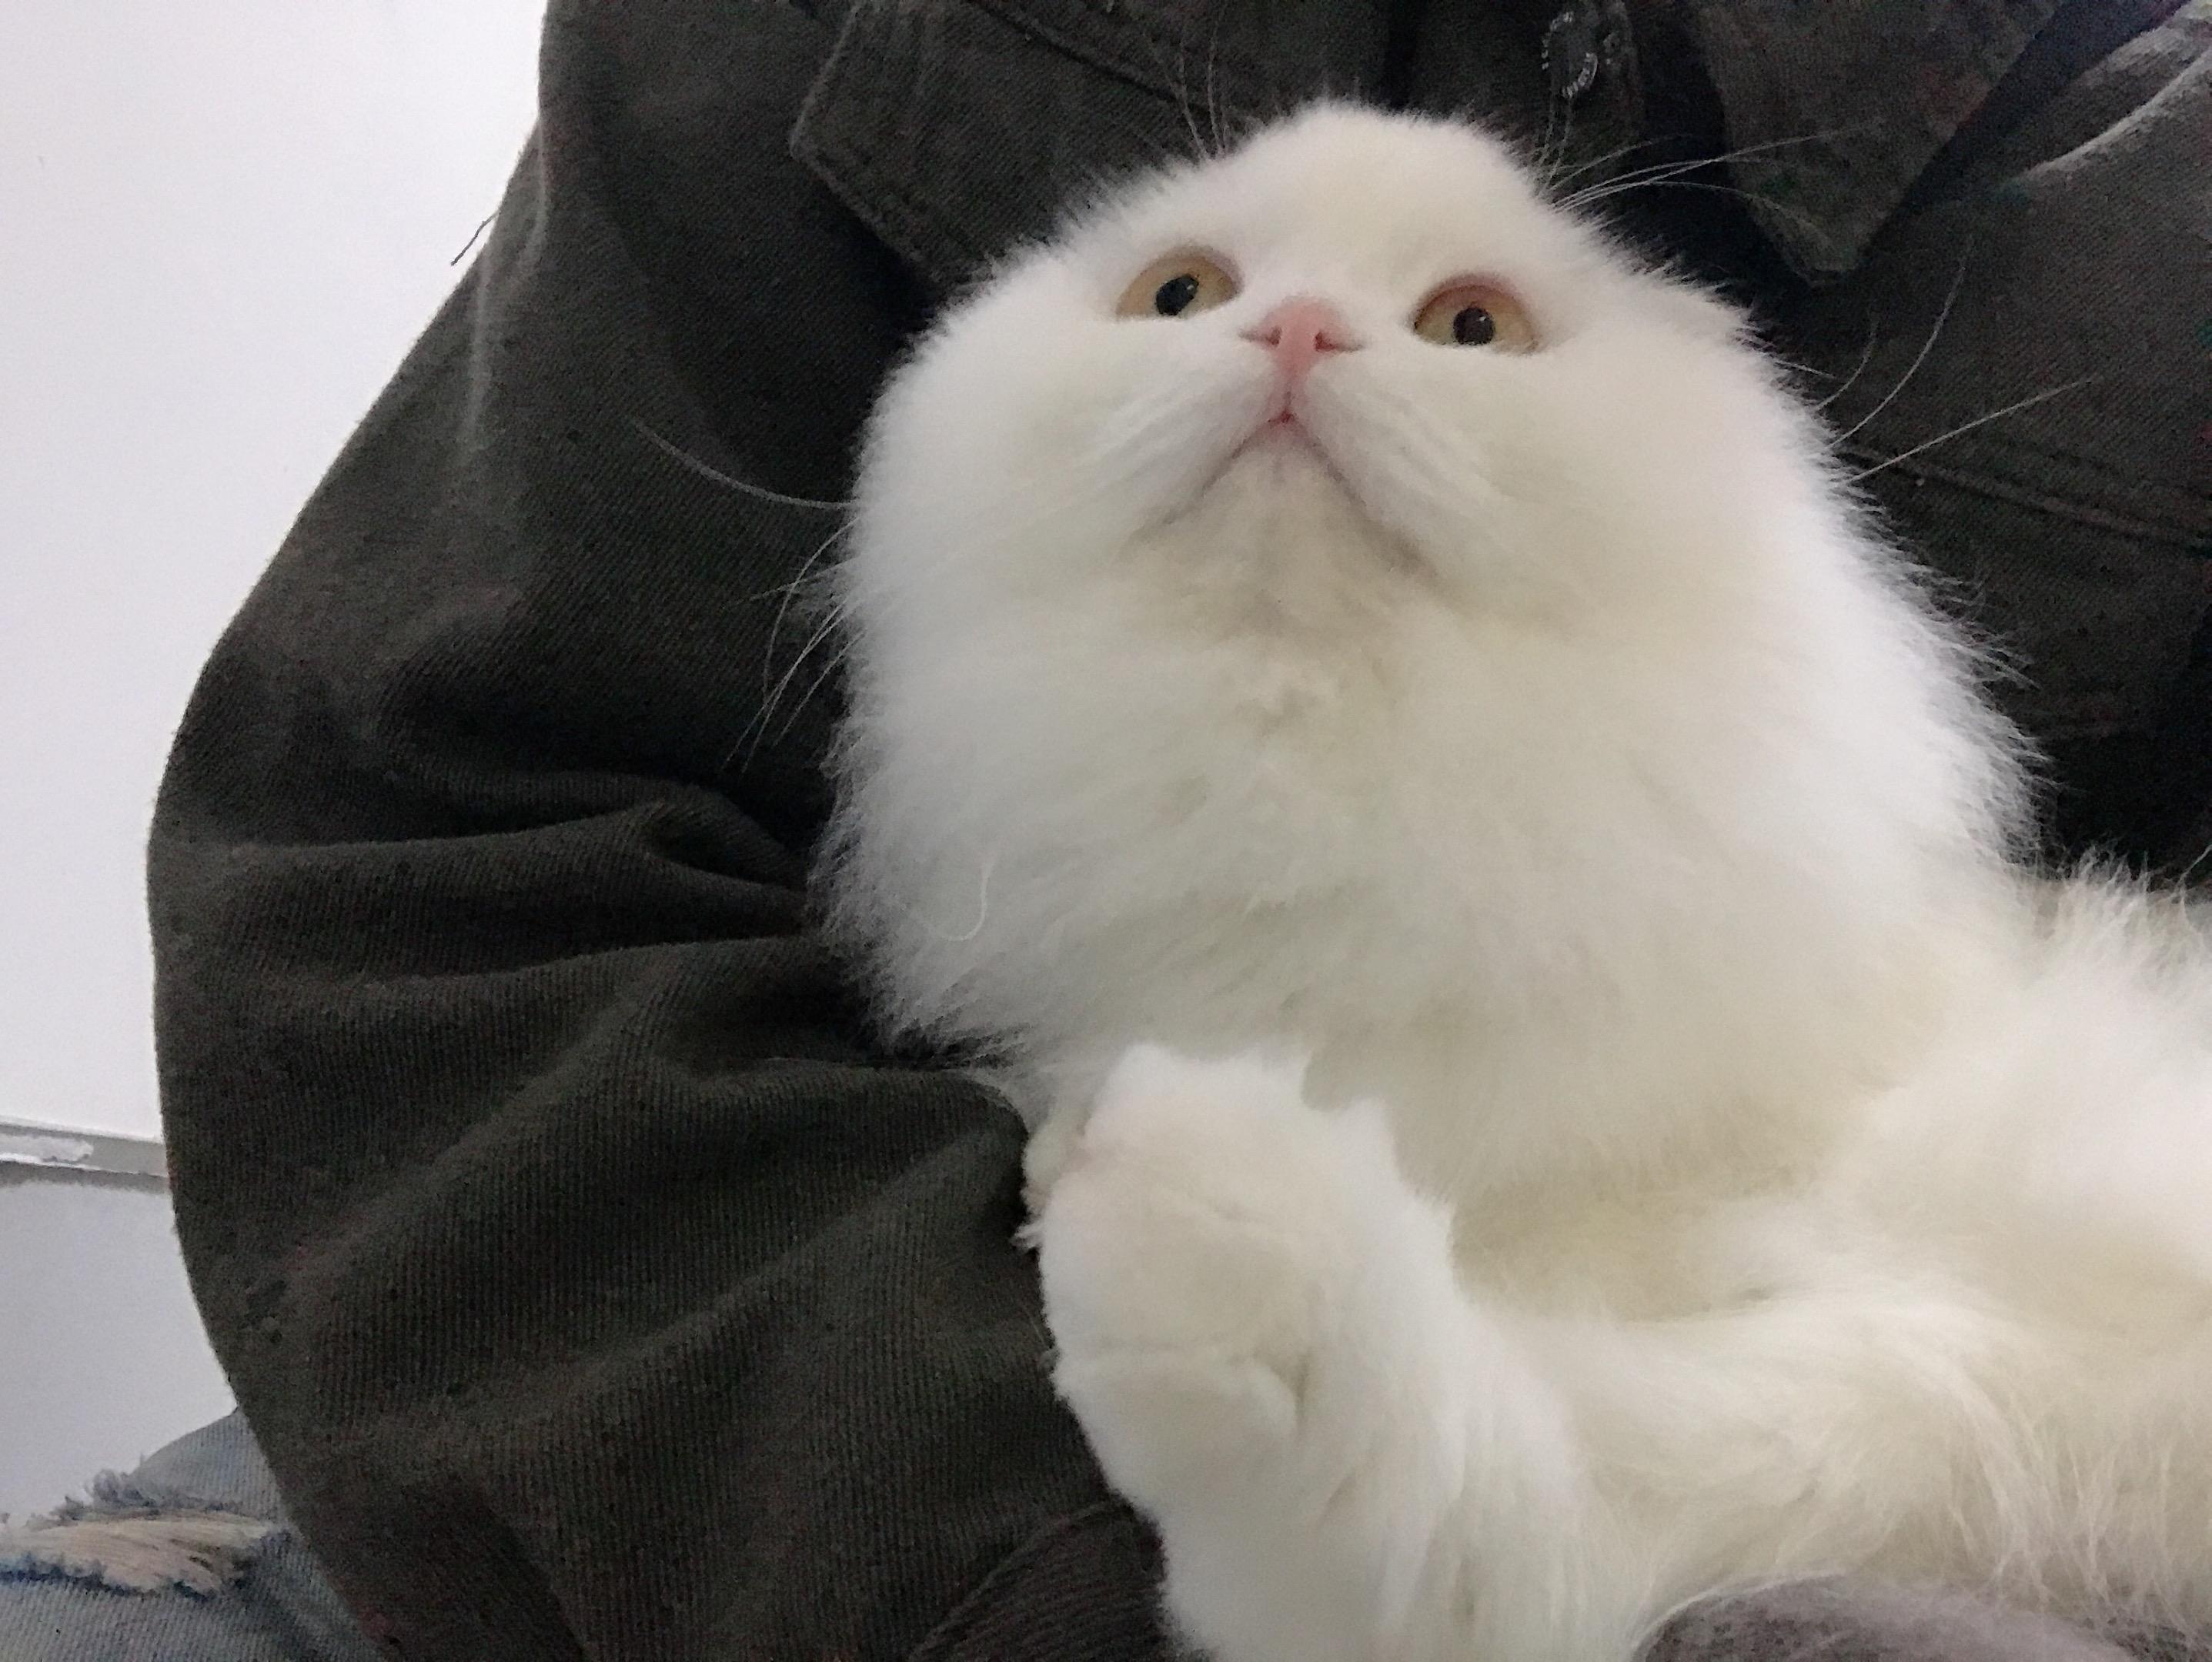 可爱又好看的布偶猫,猫中小仙女